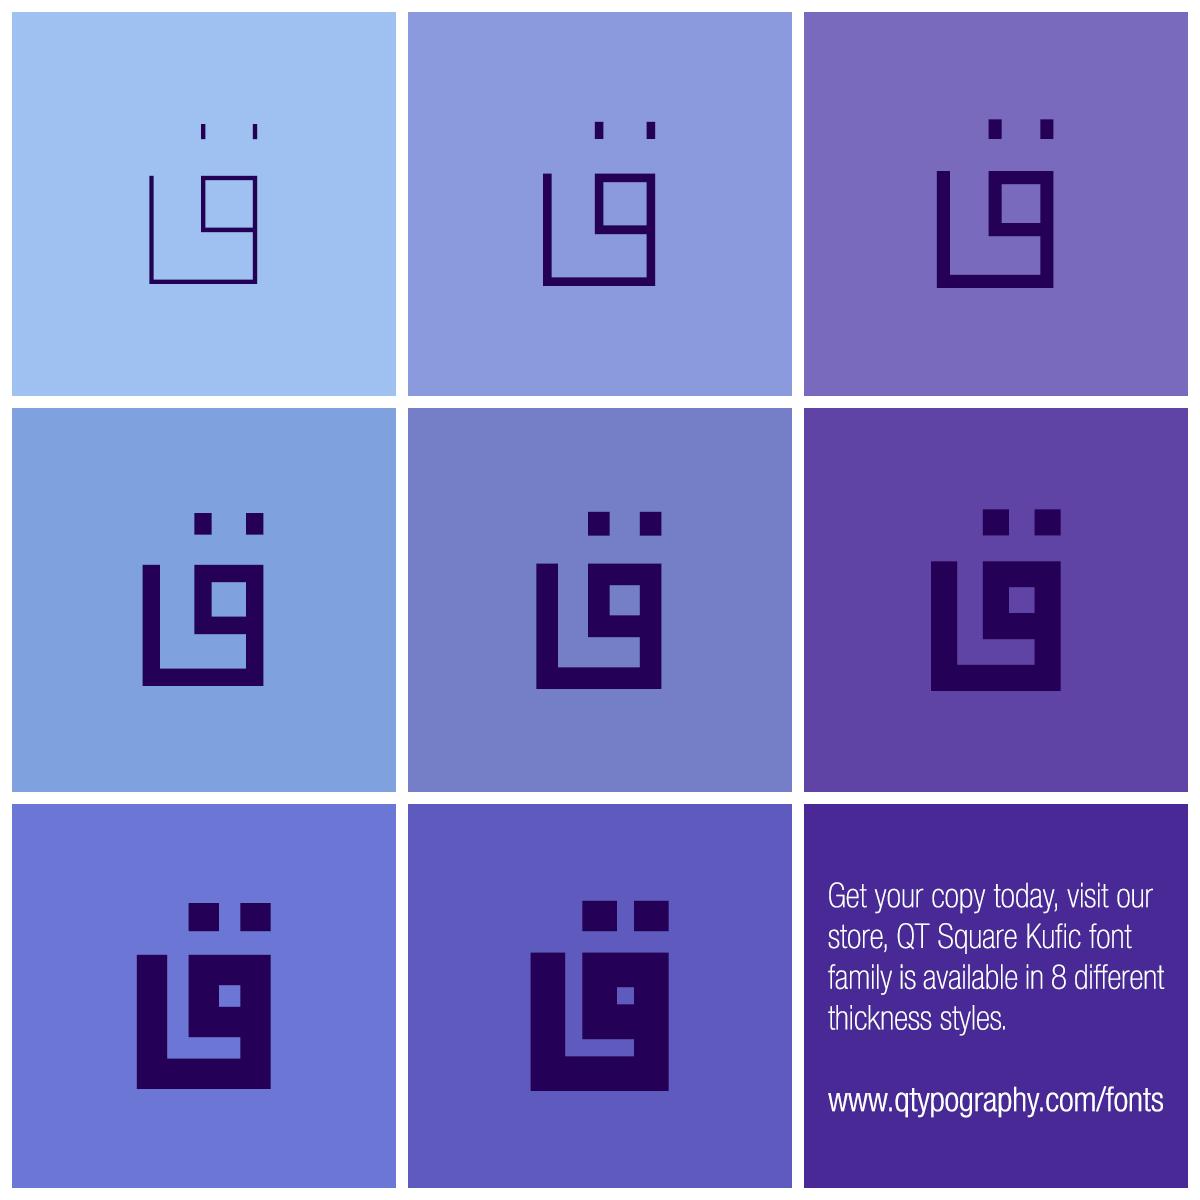 QT Square Kuufic Fonts